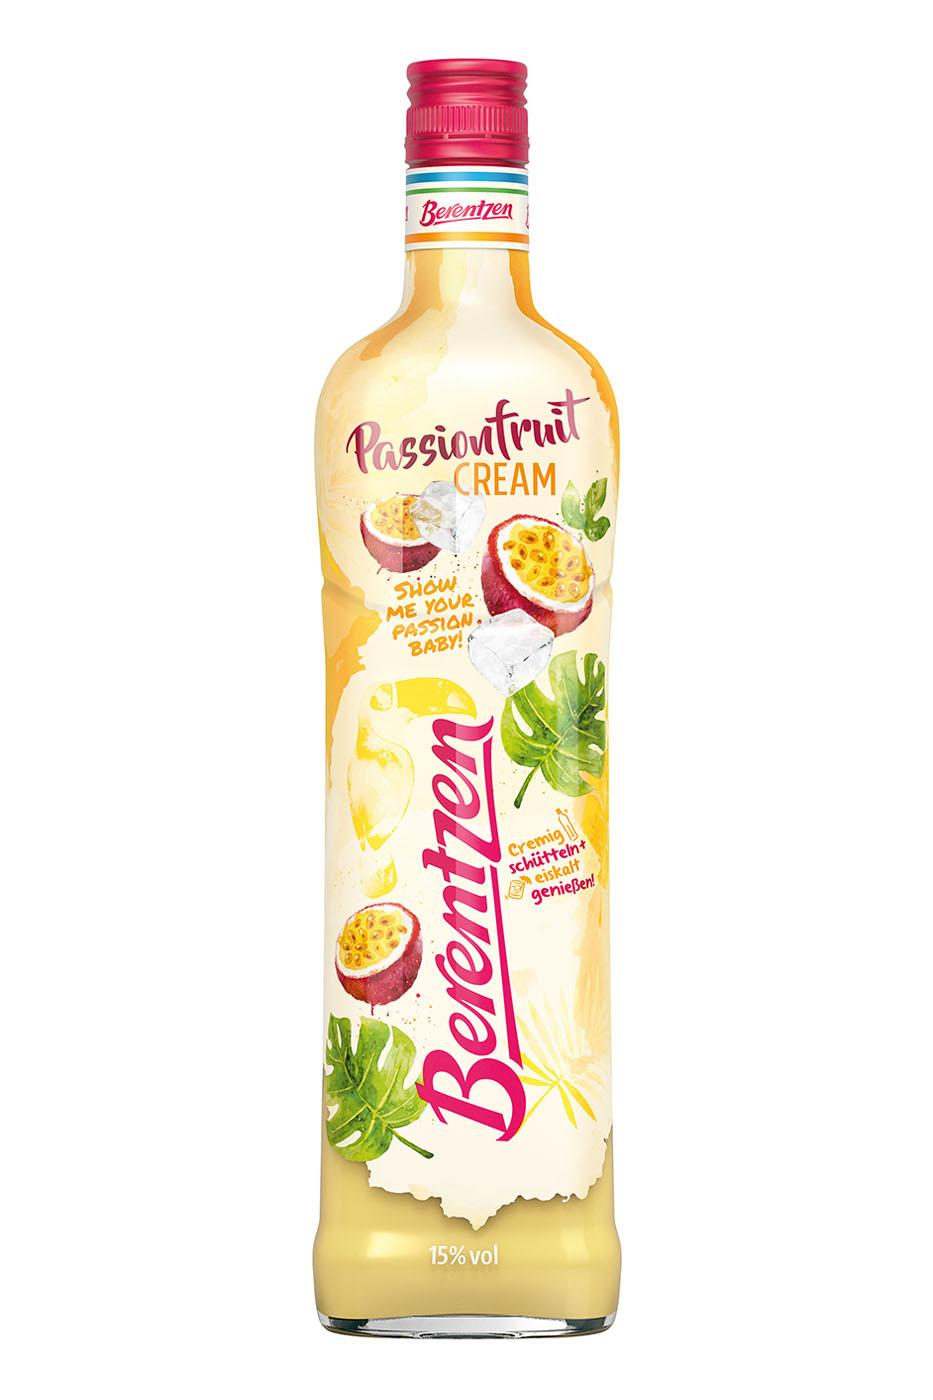 Berentzen Coco Pineapple